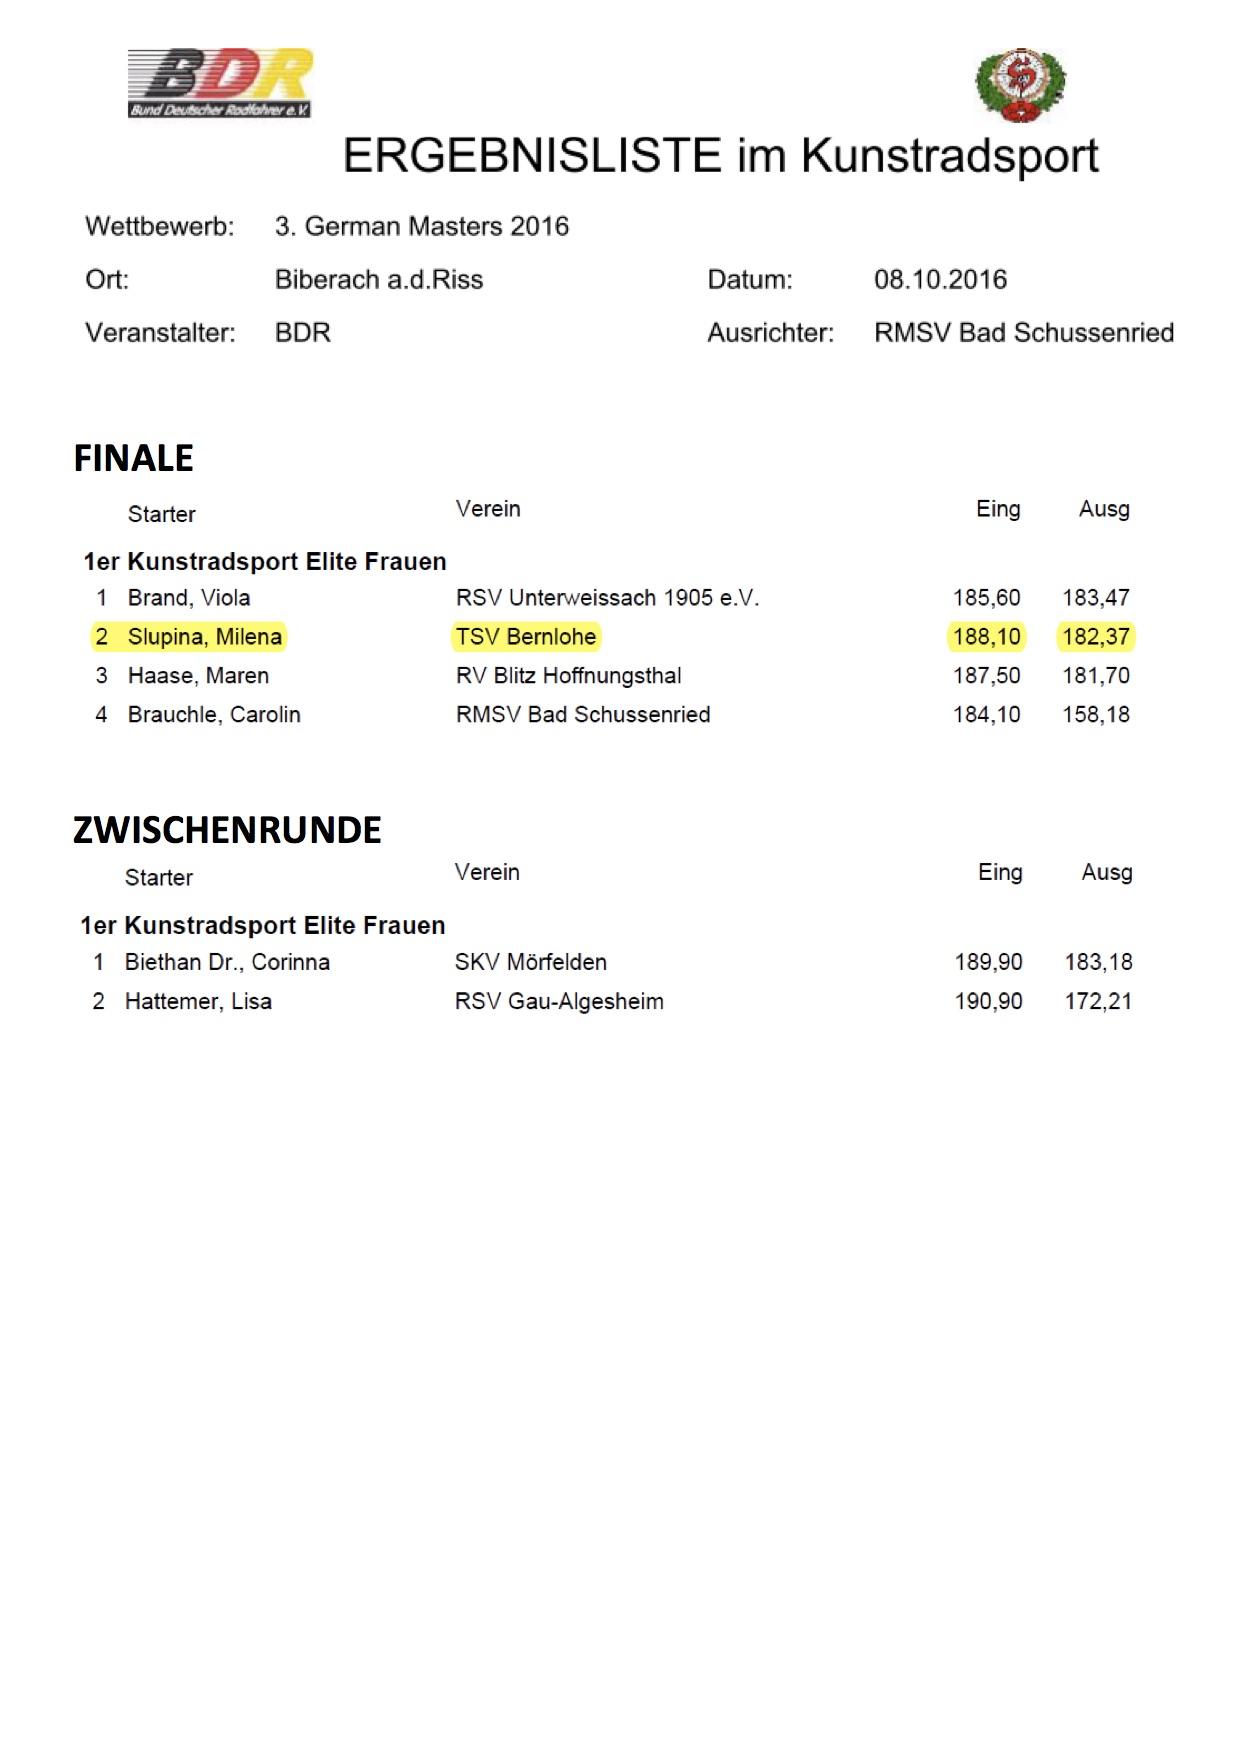 Ergebnisliste Finale/Zwischenrunde